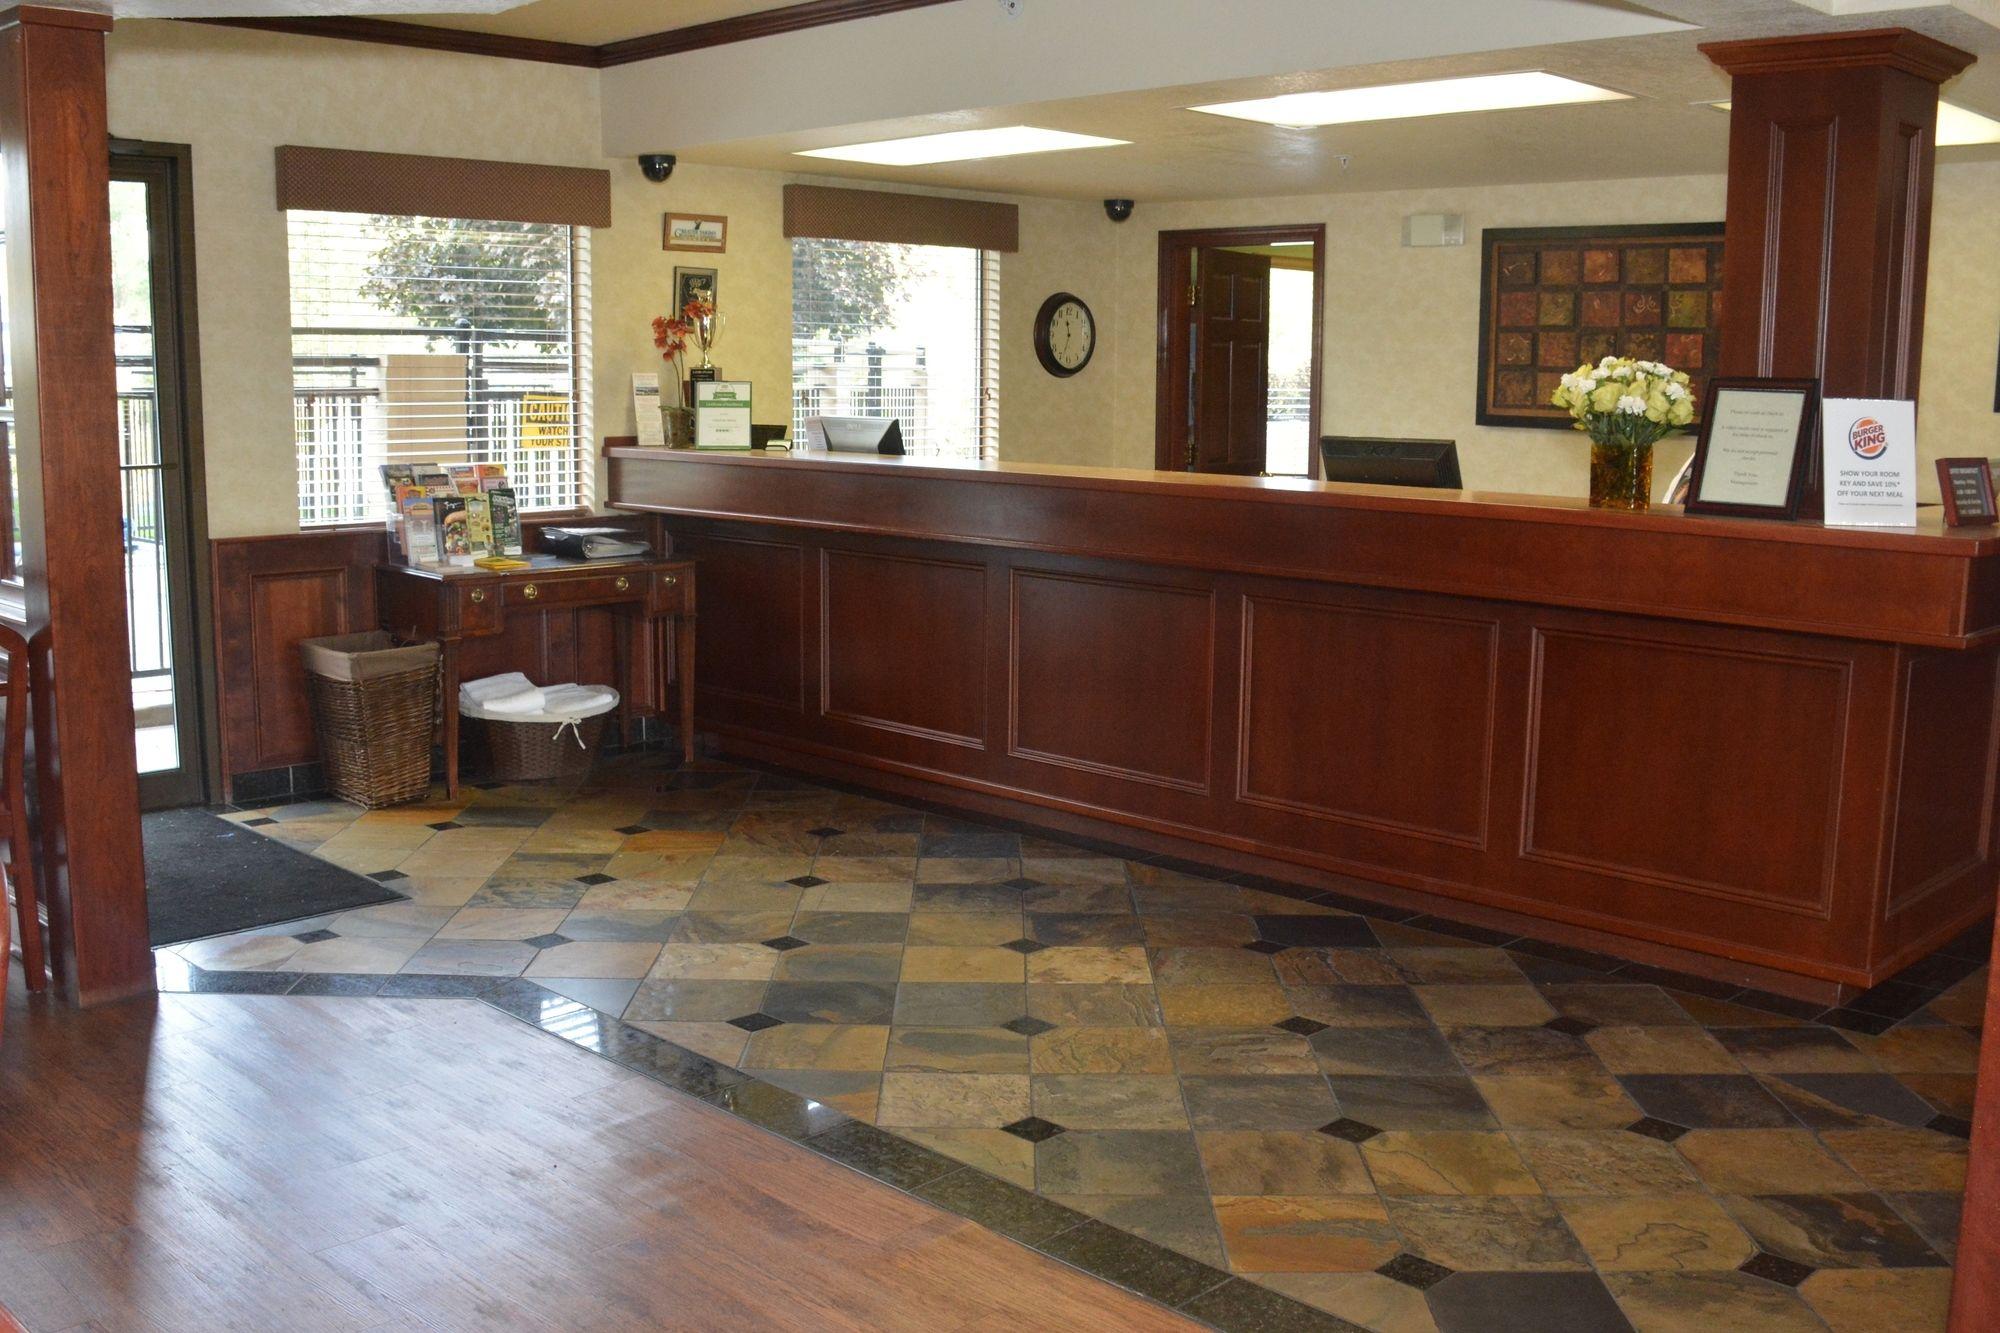 Yakima Hotel Coupons for Yakima, Washington - FreeHotelCoupons.com